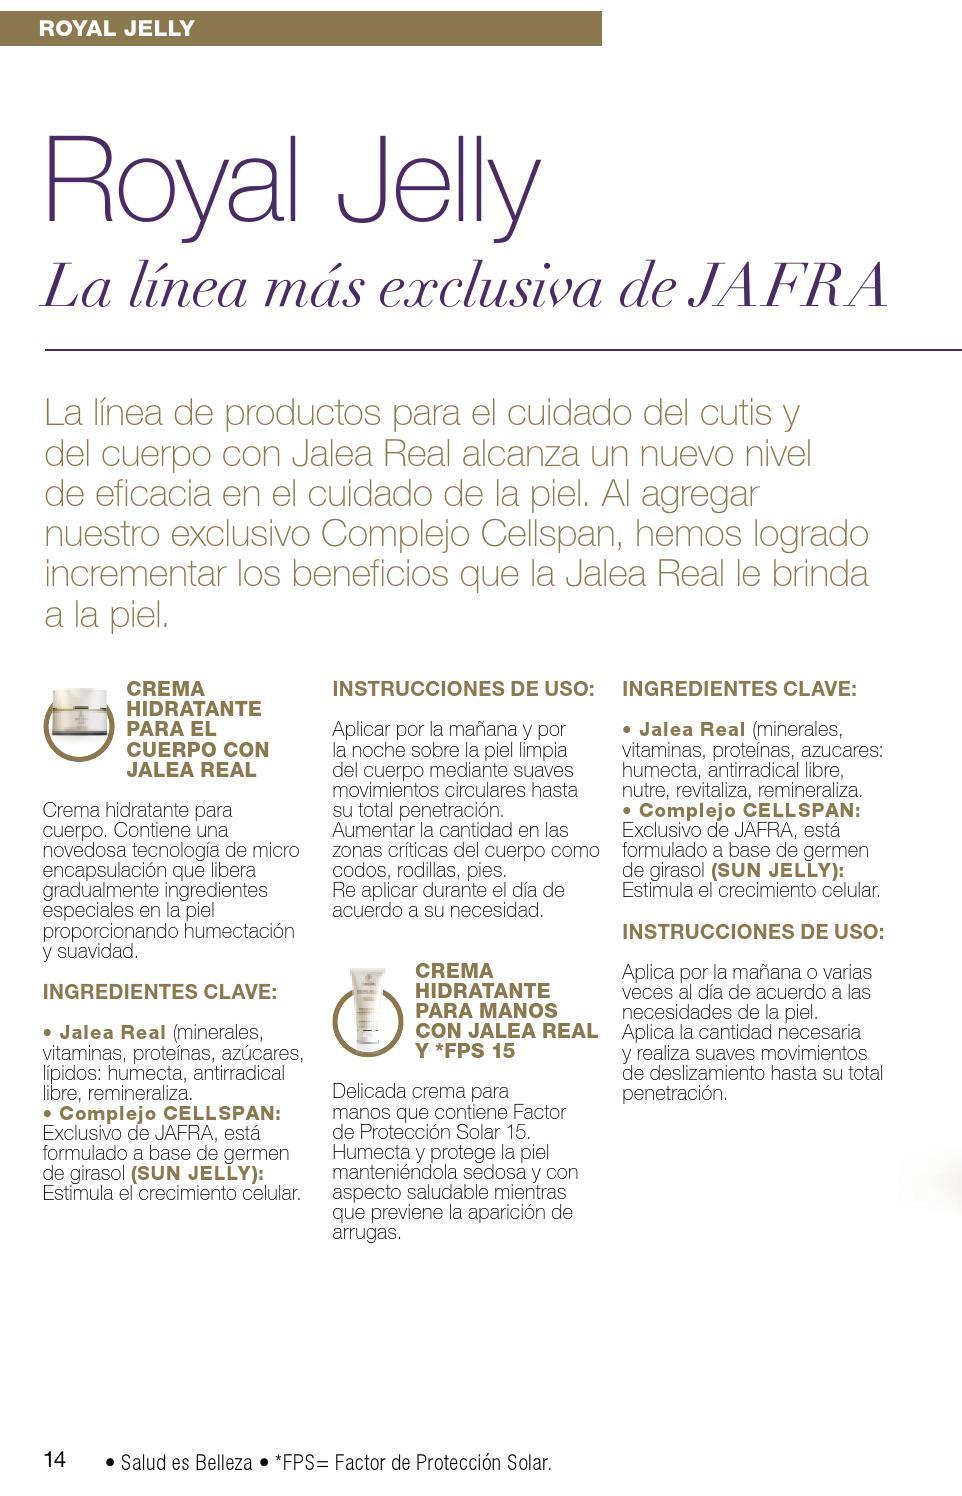 beneficios de la jalea real jafra